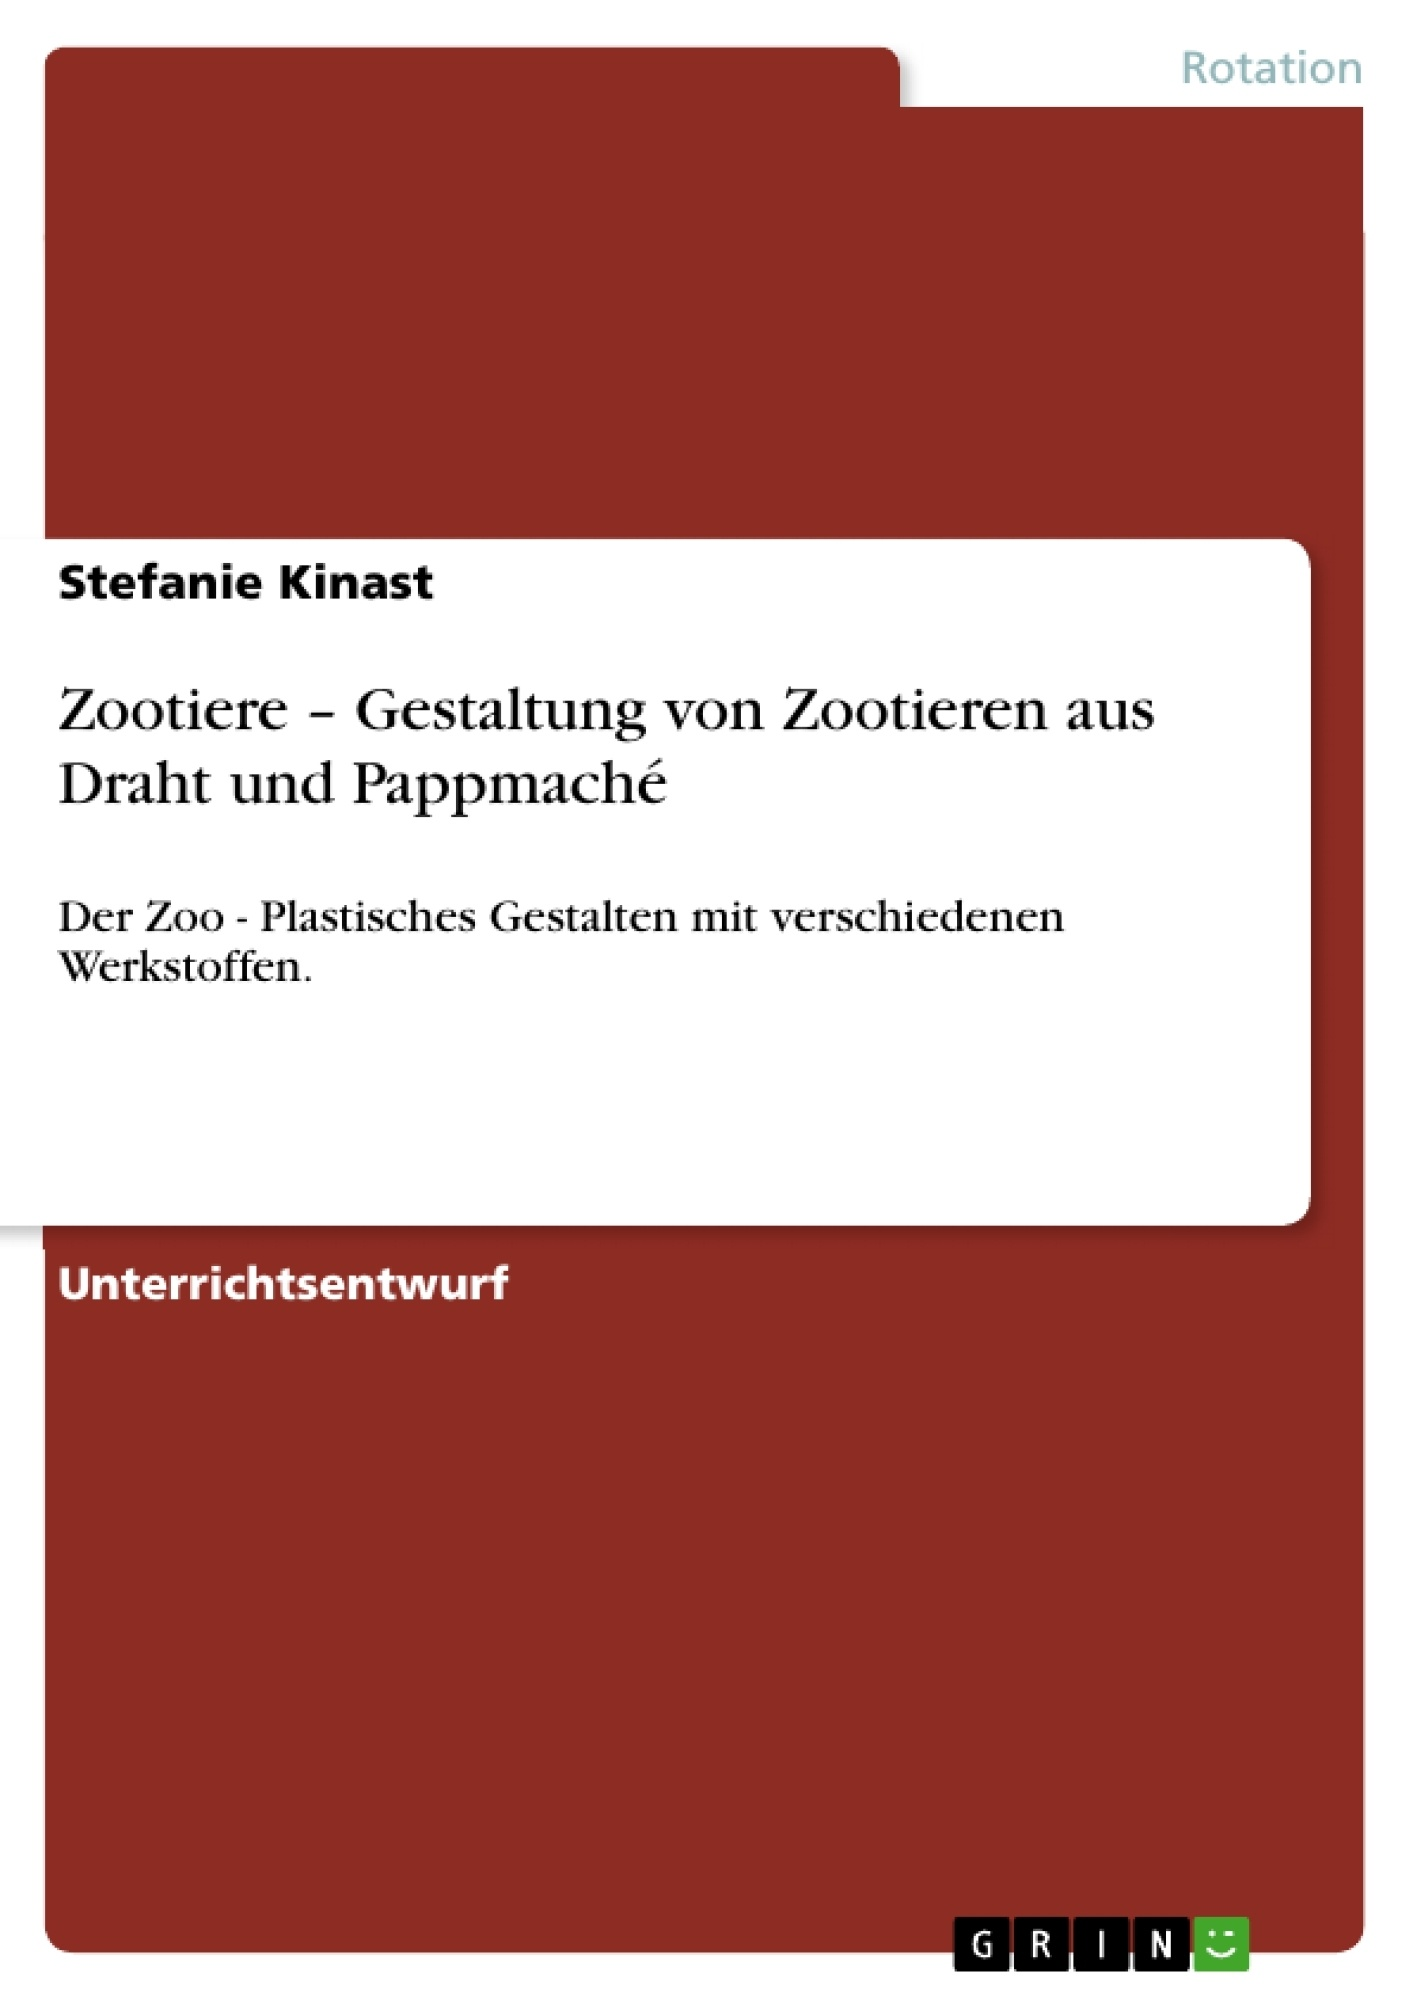 Titel: Zootiere – Gestaltung von Zootieren aus Draht und Pappmaché